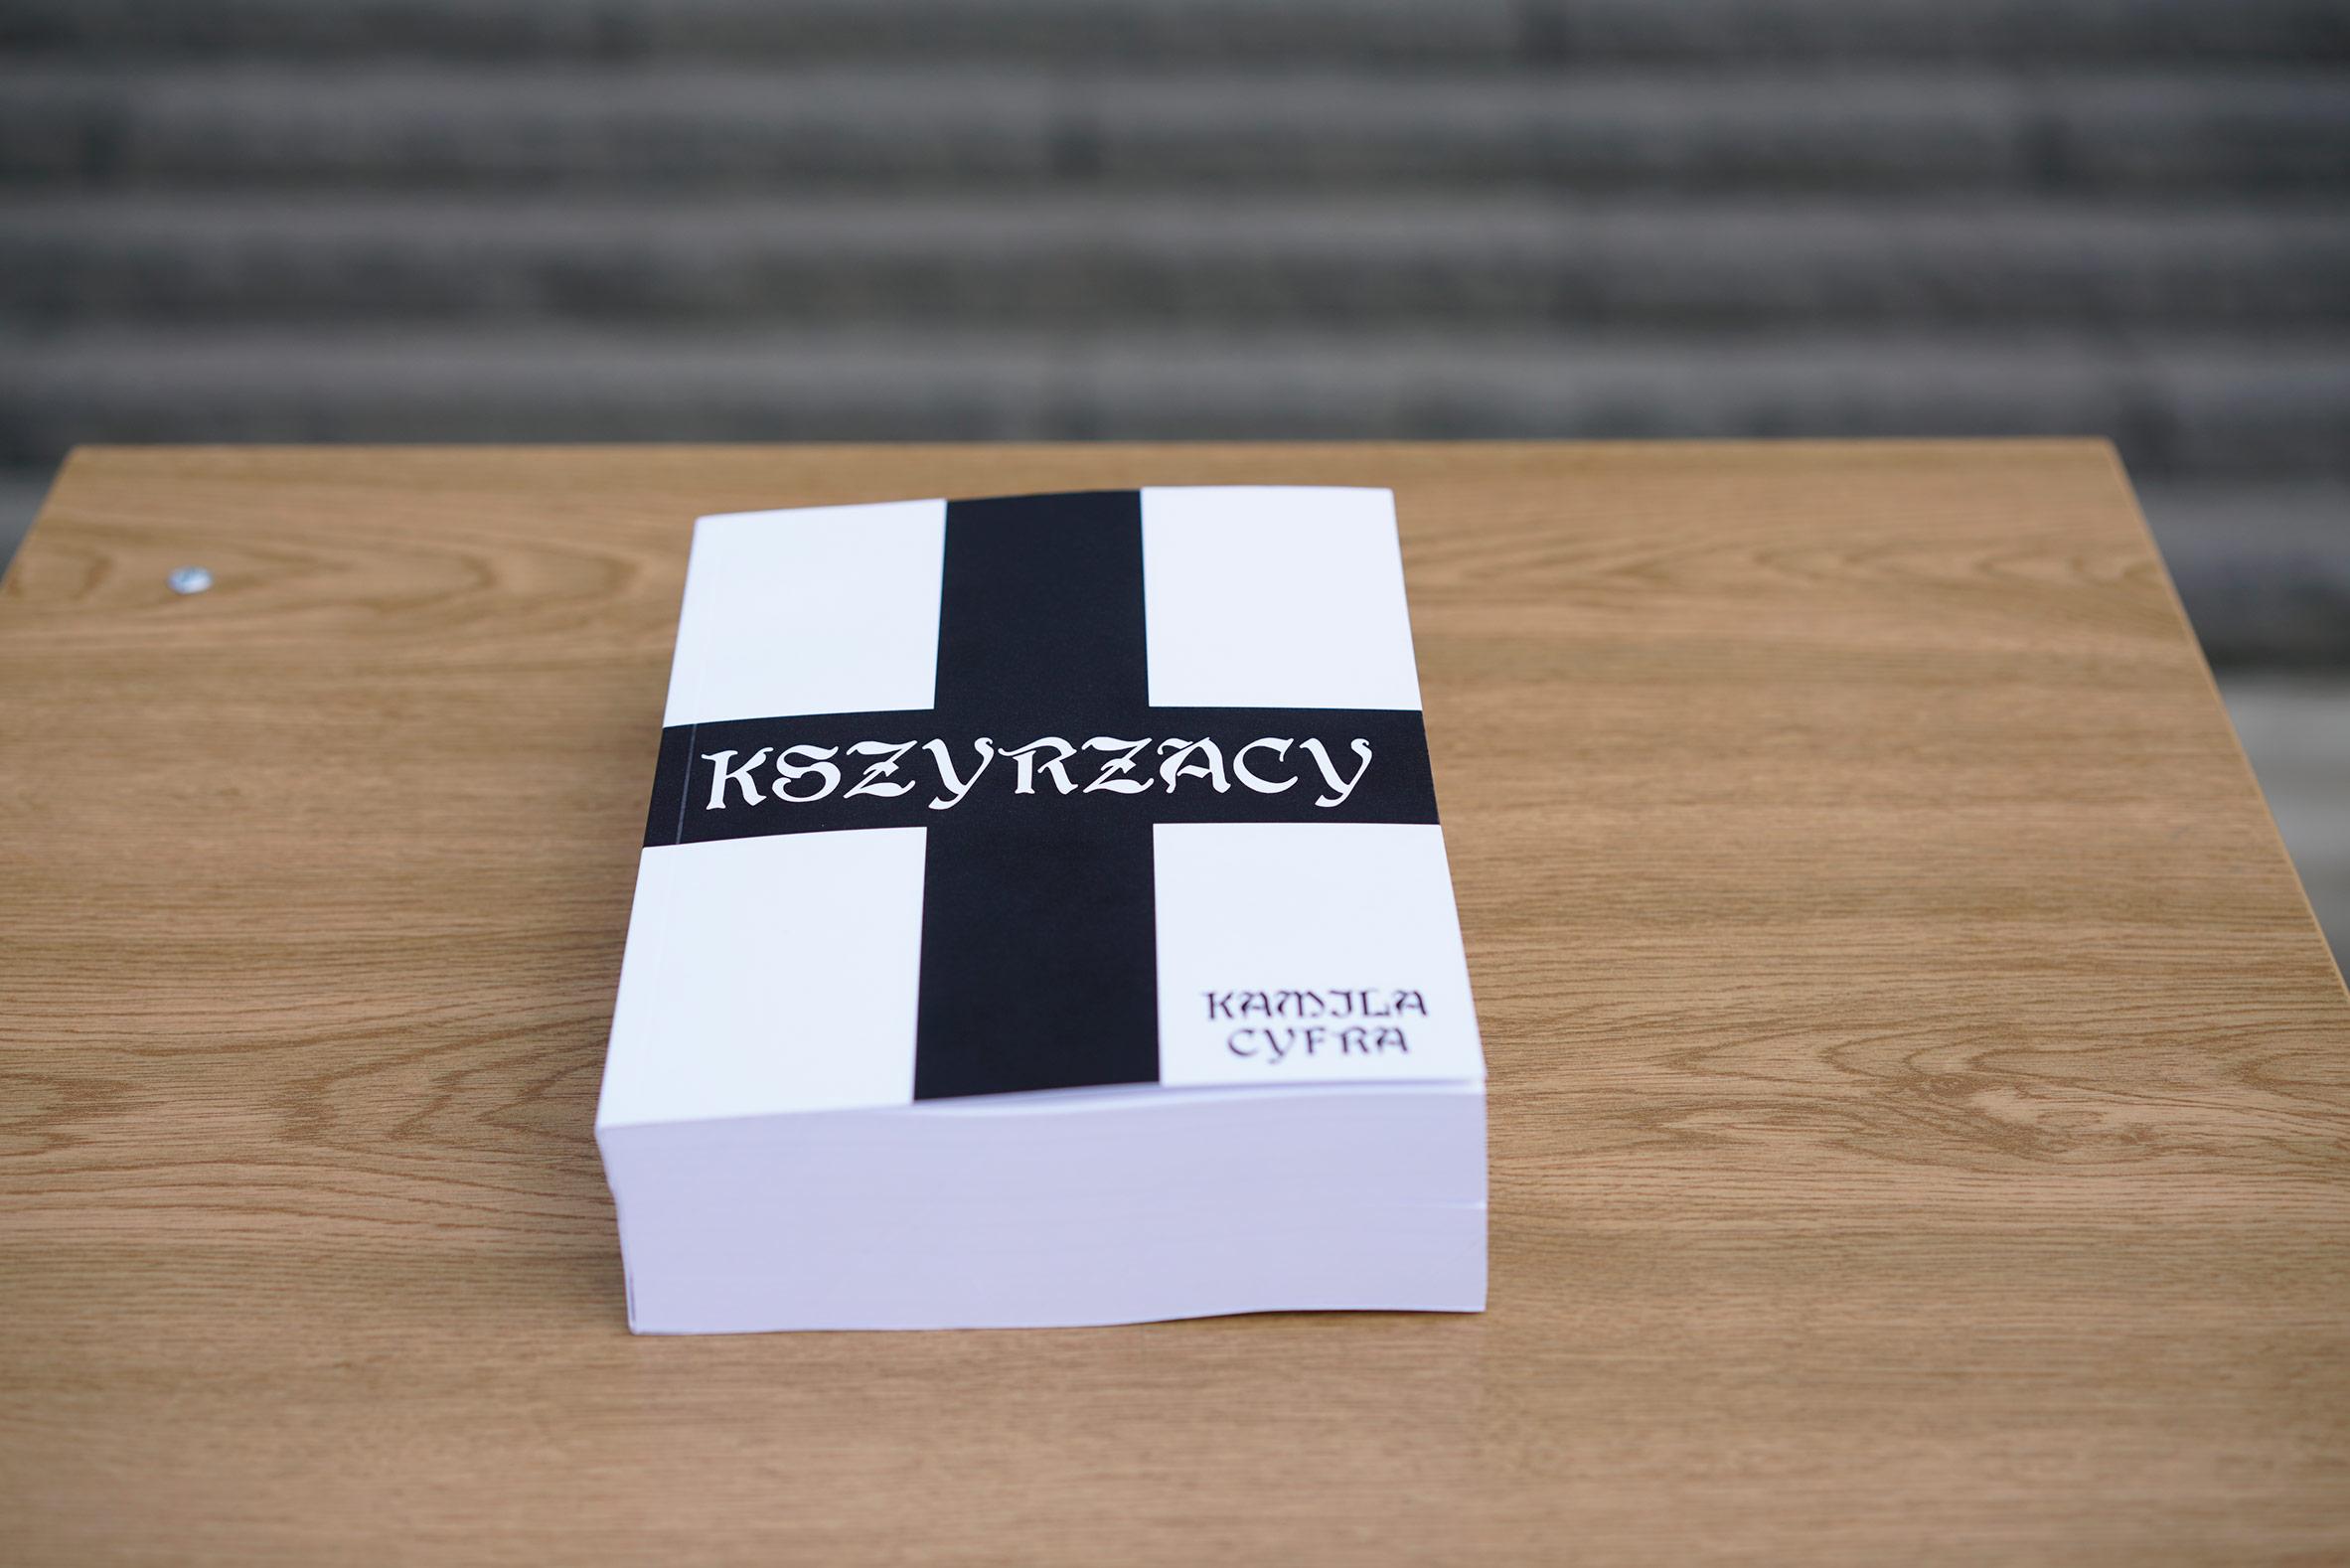 Książka Kszyrzacy - tłumaczenie Krzyżaków Henryka Sienkiewicza